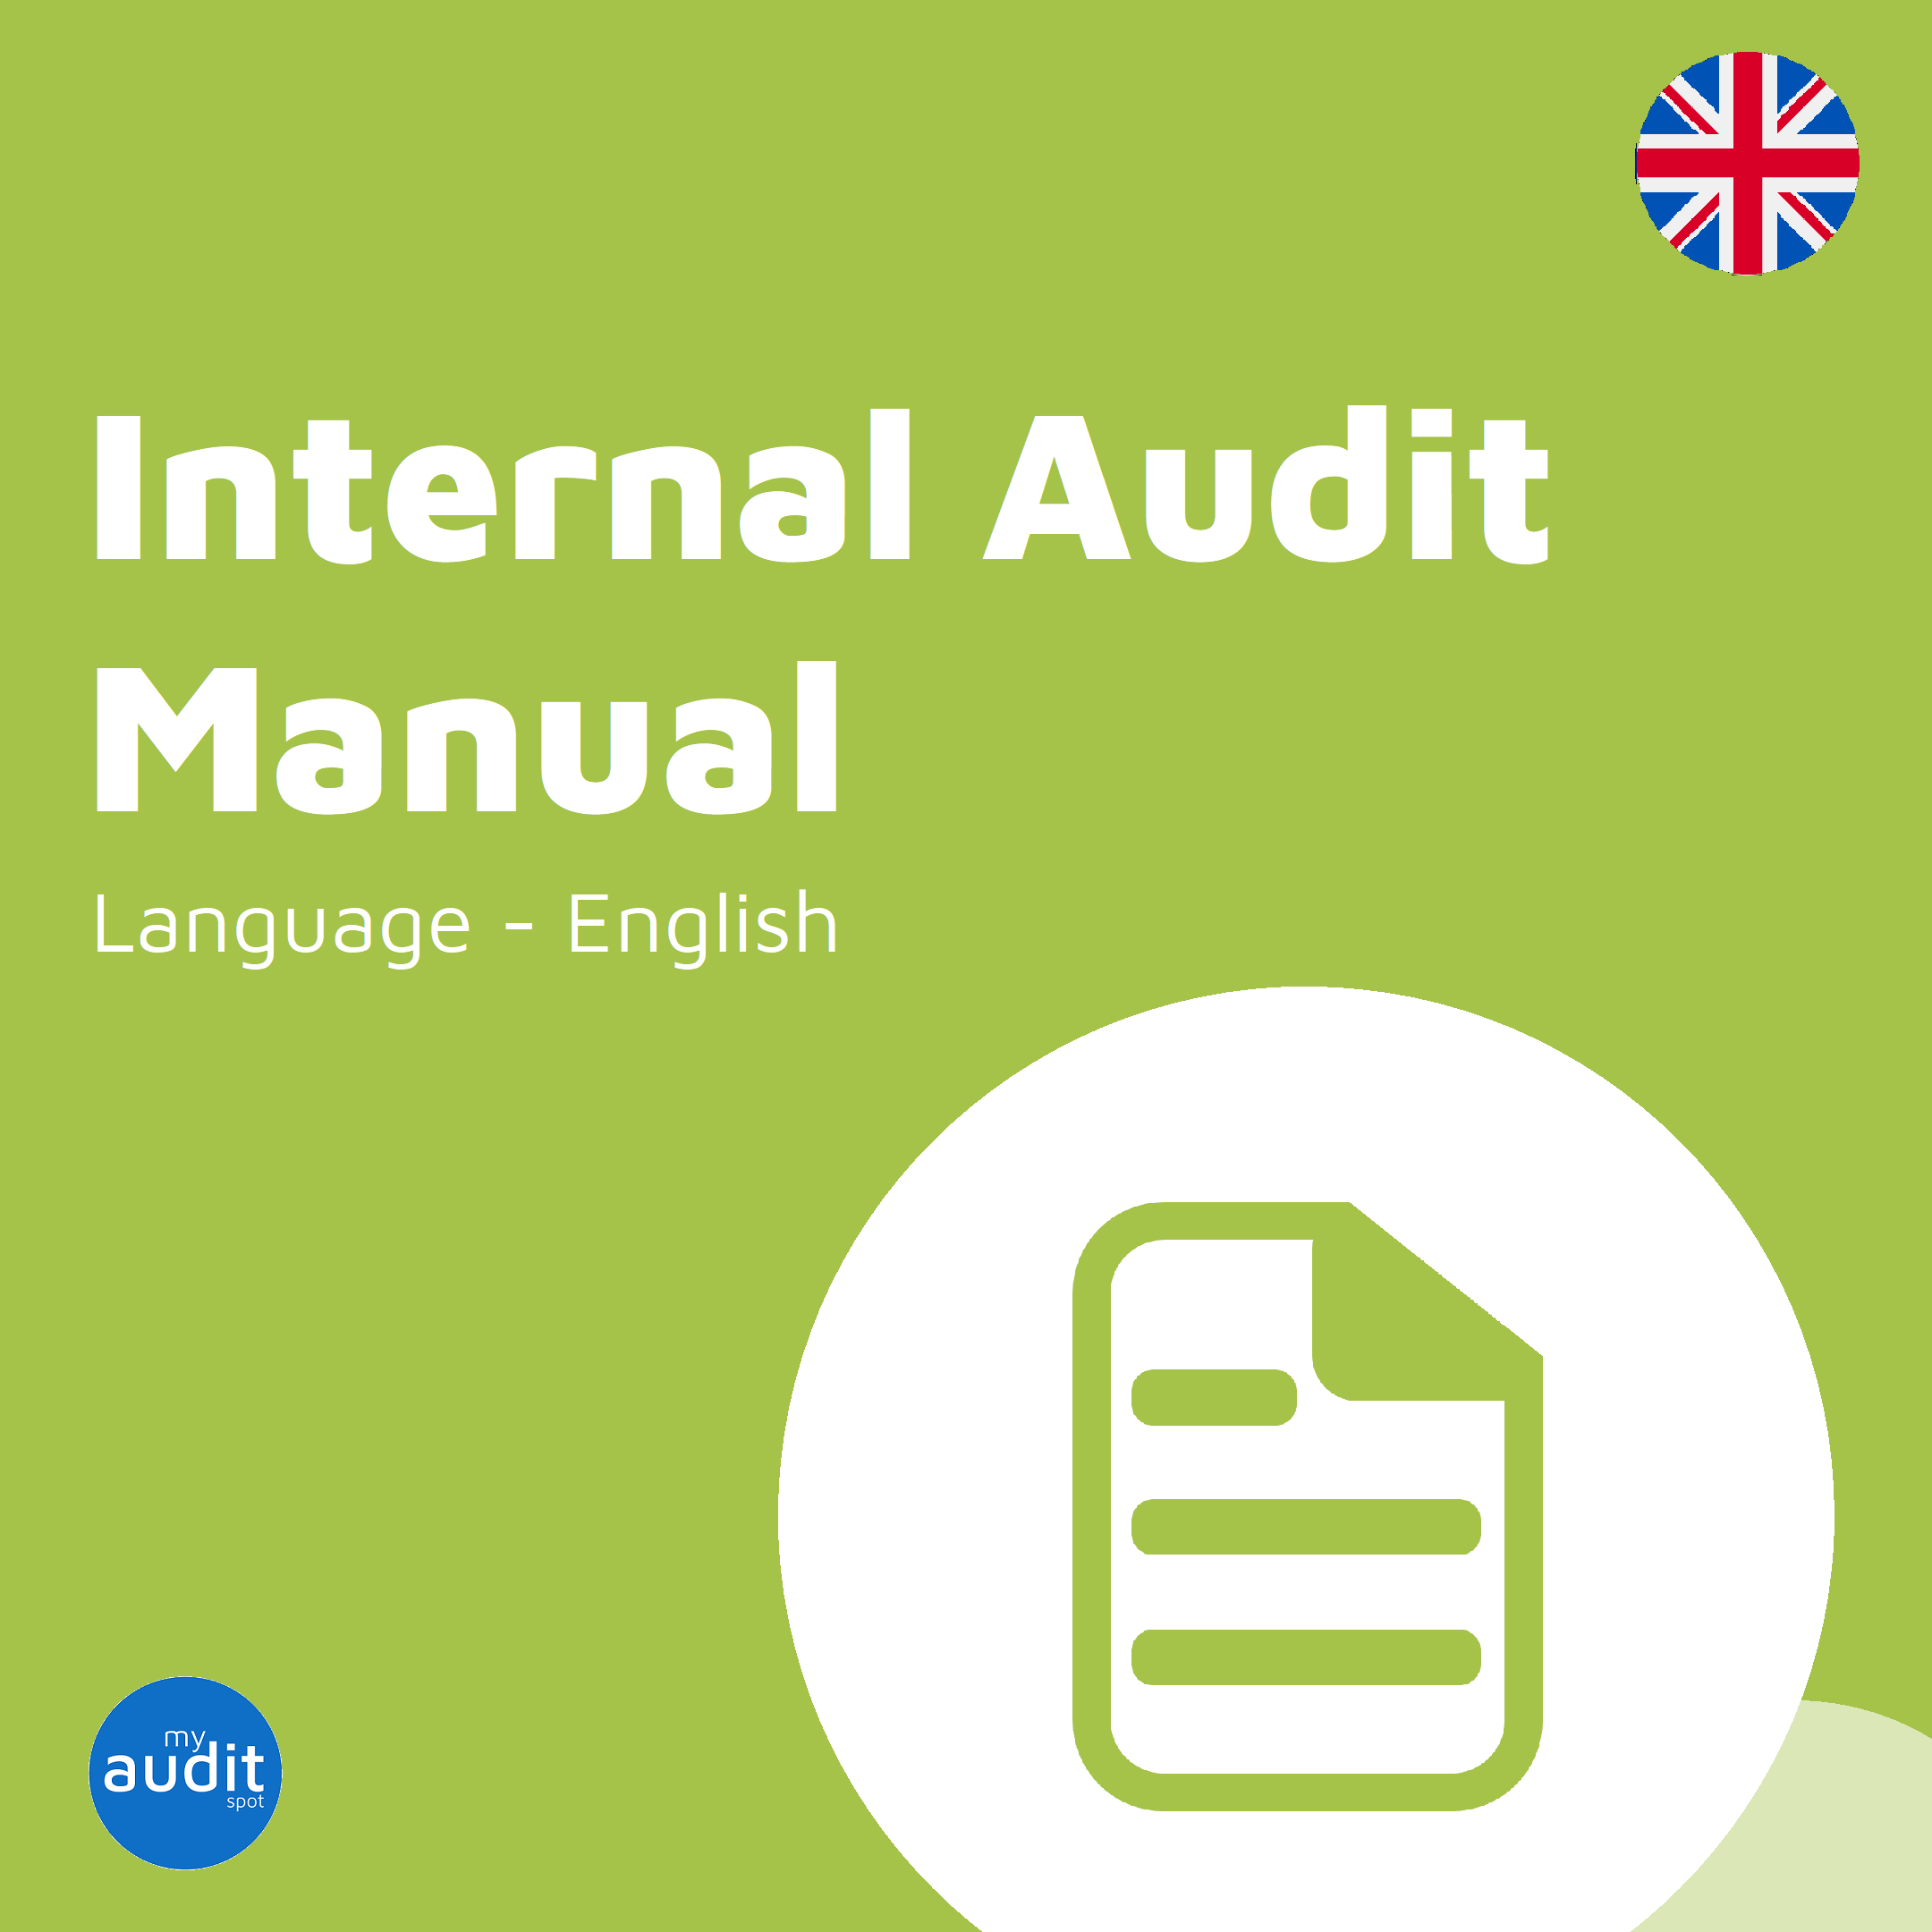 AFM4 - Internal Audit Manual - English - IN v2